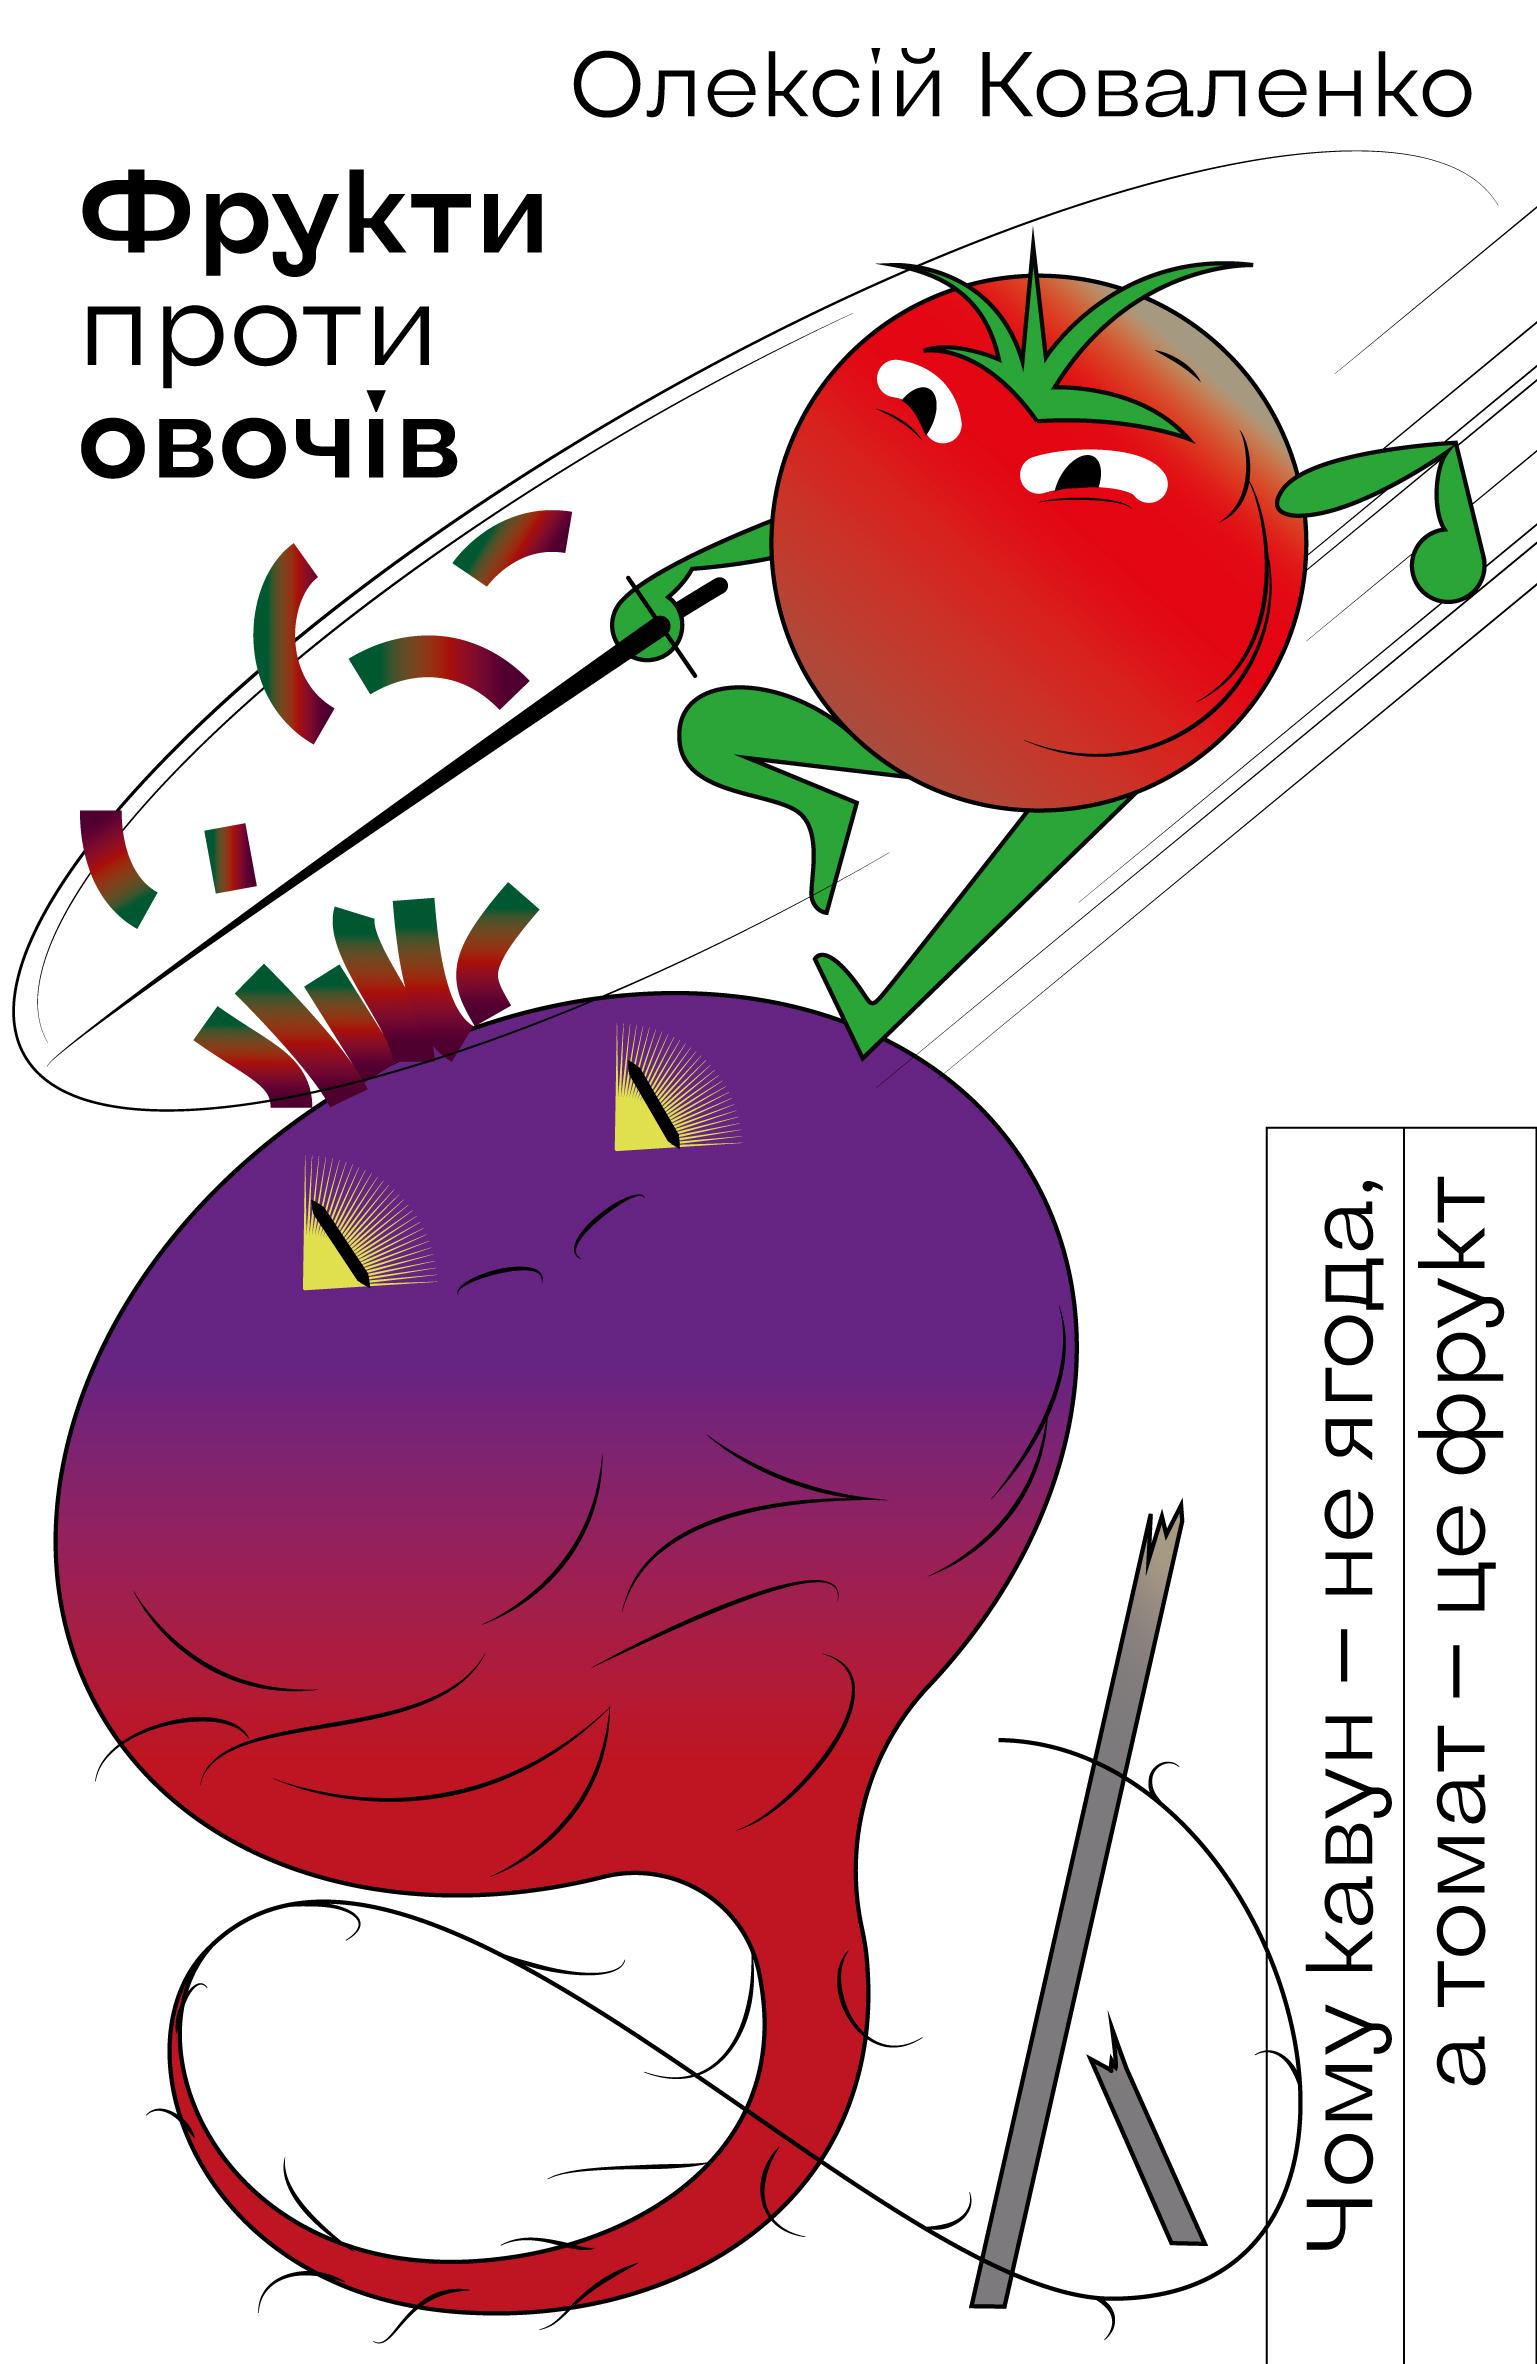 Олексій Коваленко Фрукти проти овочів. Чому кавун — не ягода, а томат — це фрукт